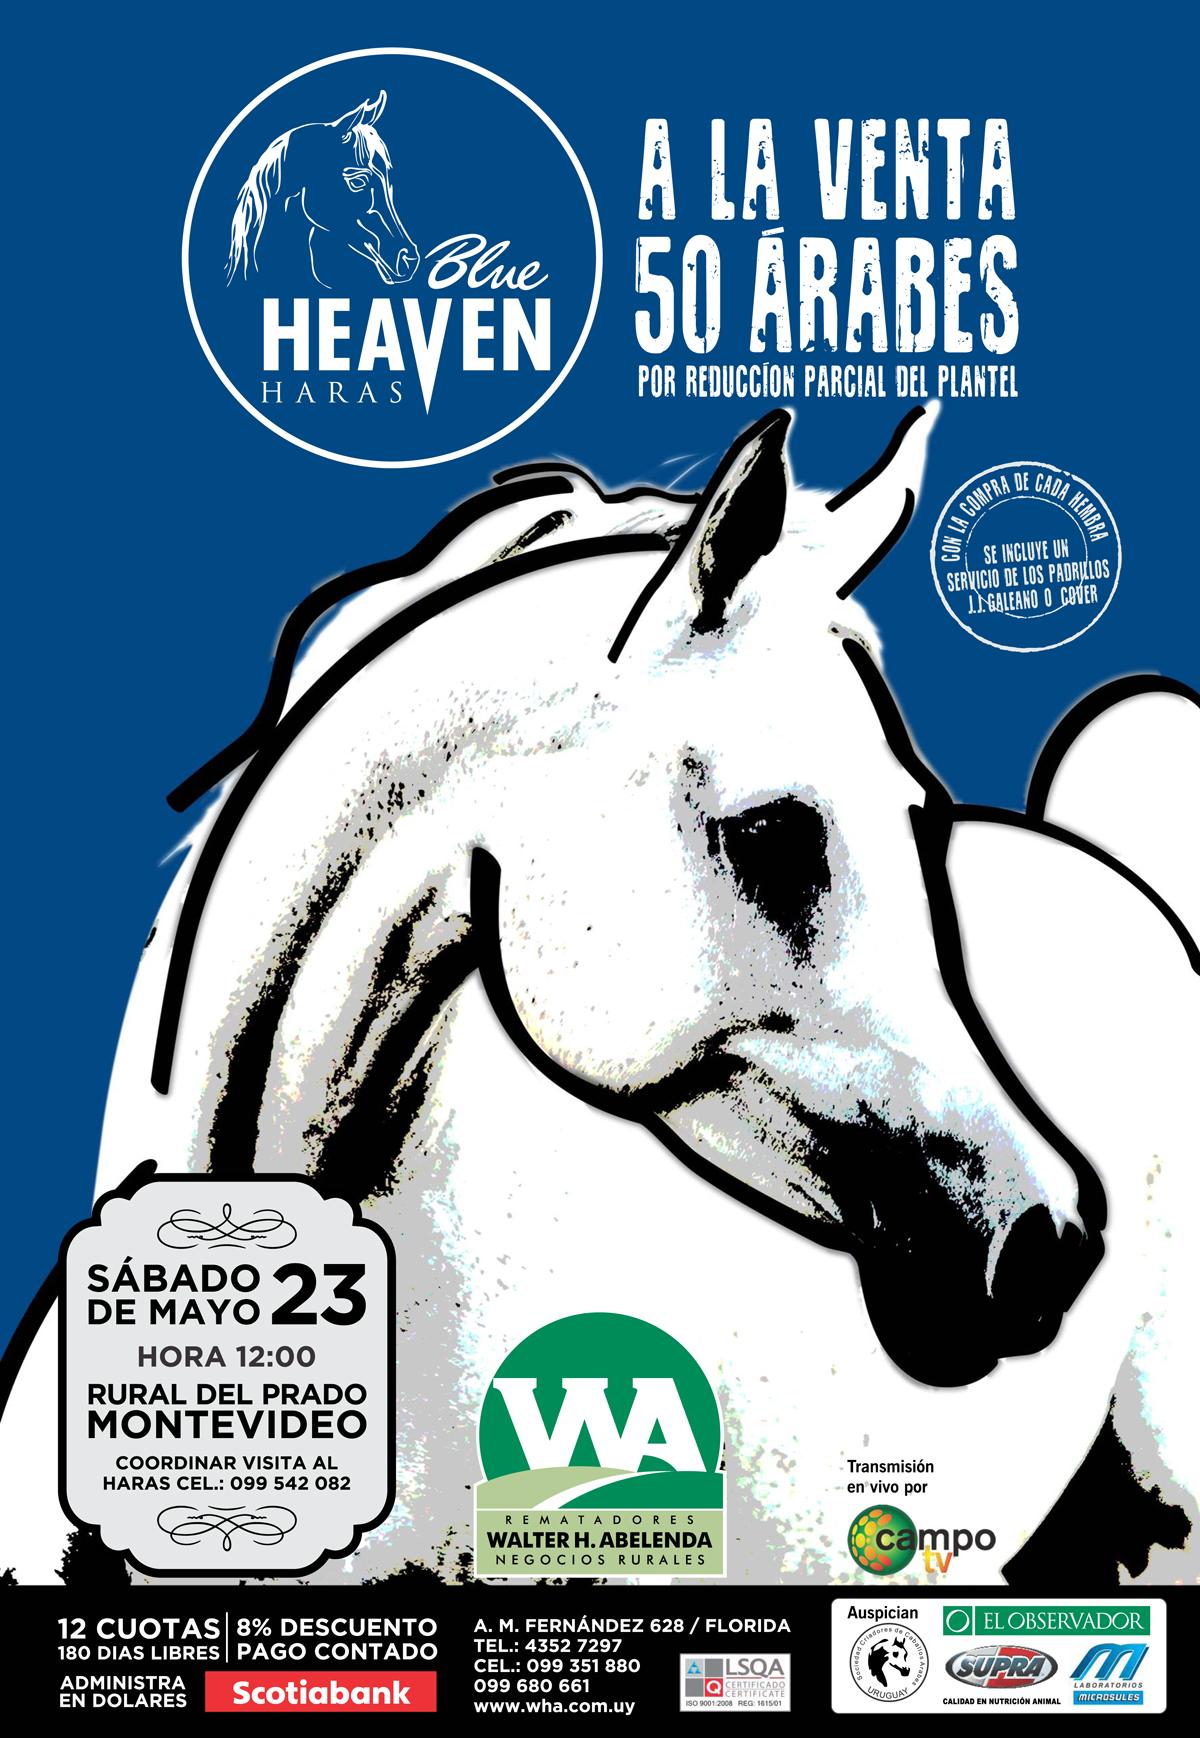 afiche-remate-blue-heaven-01-3